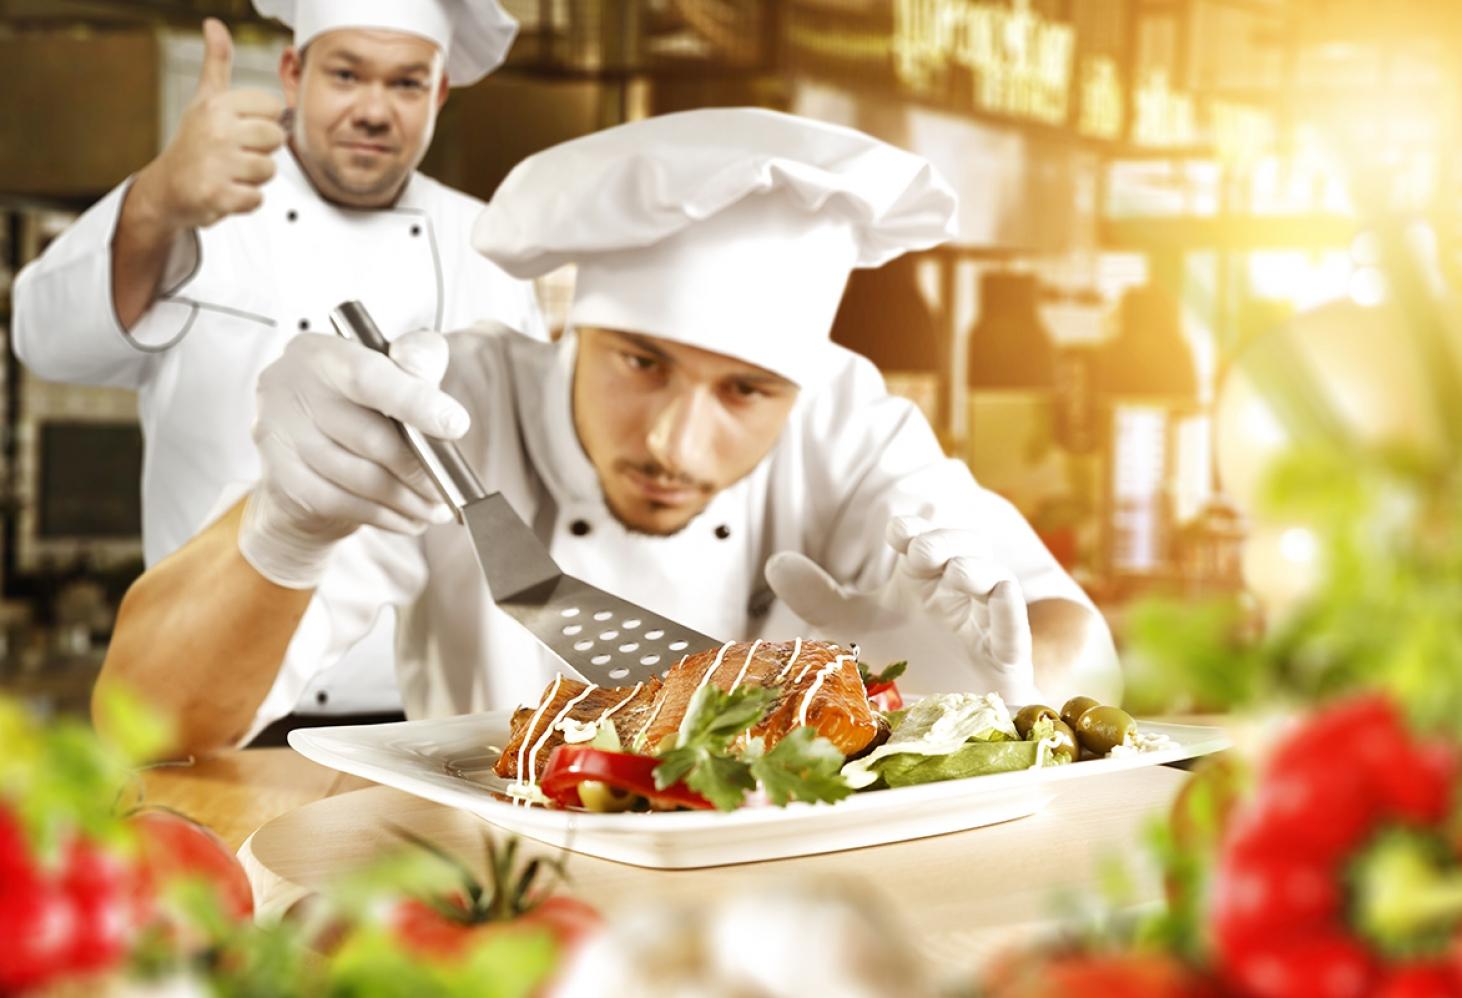 Гастрономический фестиваль Food and Fun в Рейкьявике. В начале марта 2018